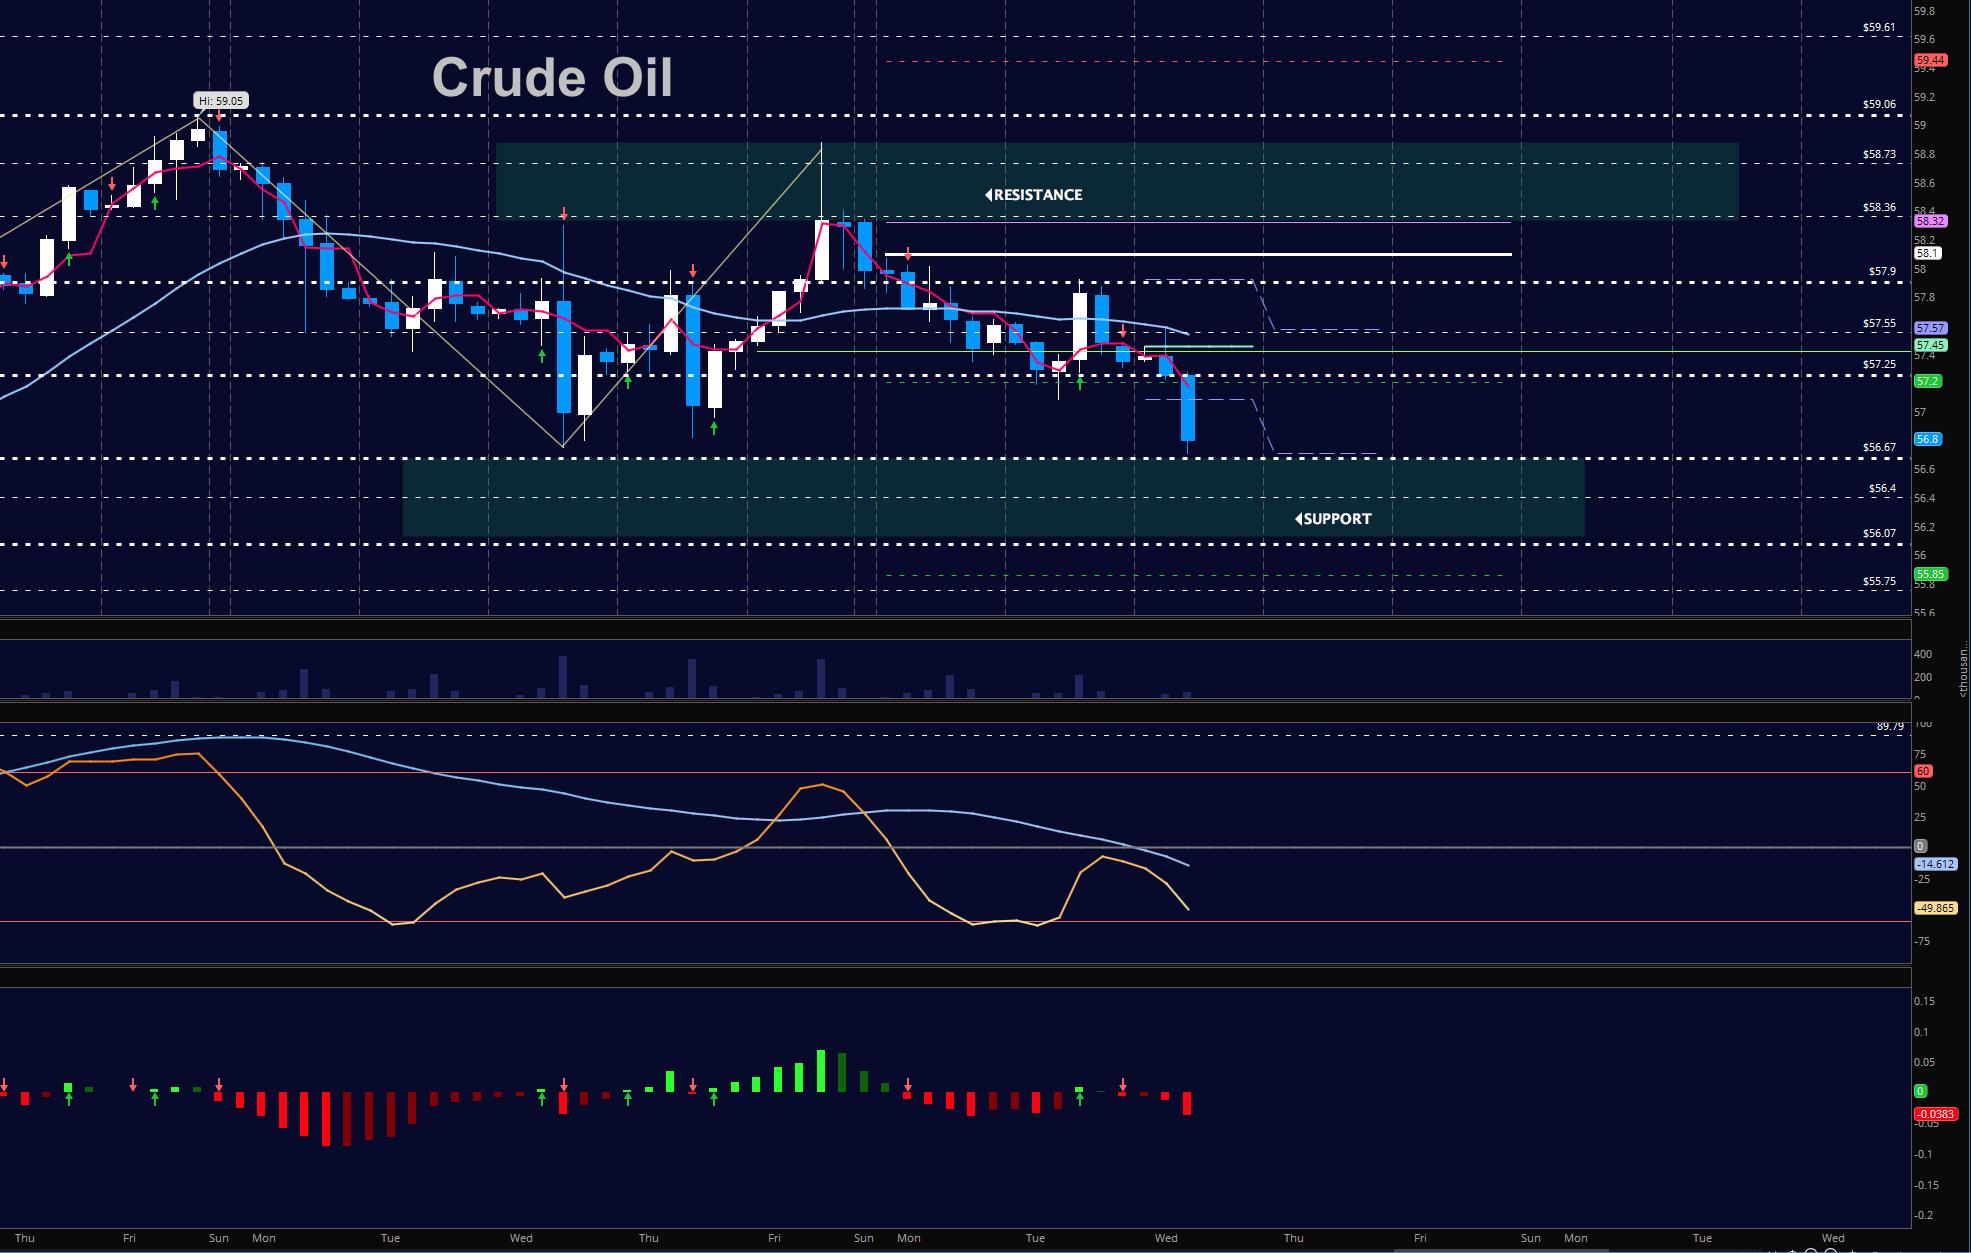 crude oil trading december 6 chart_news_update_markets